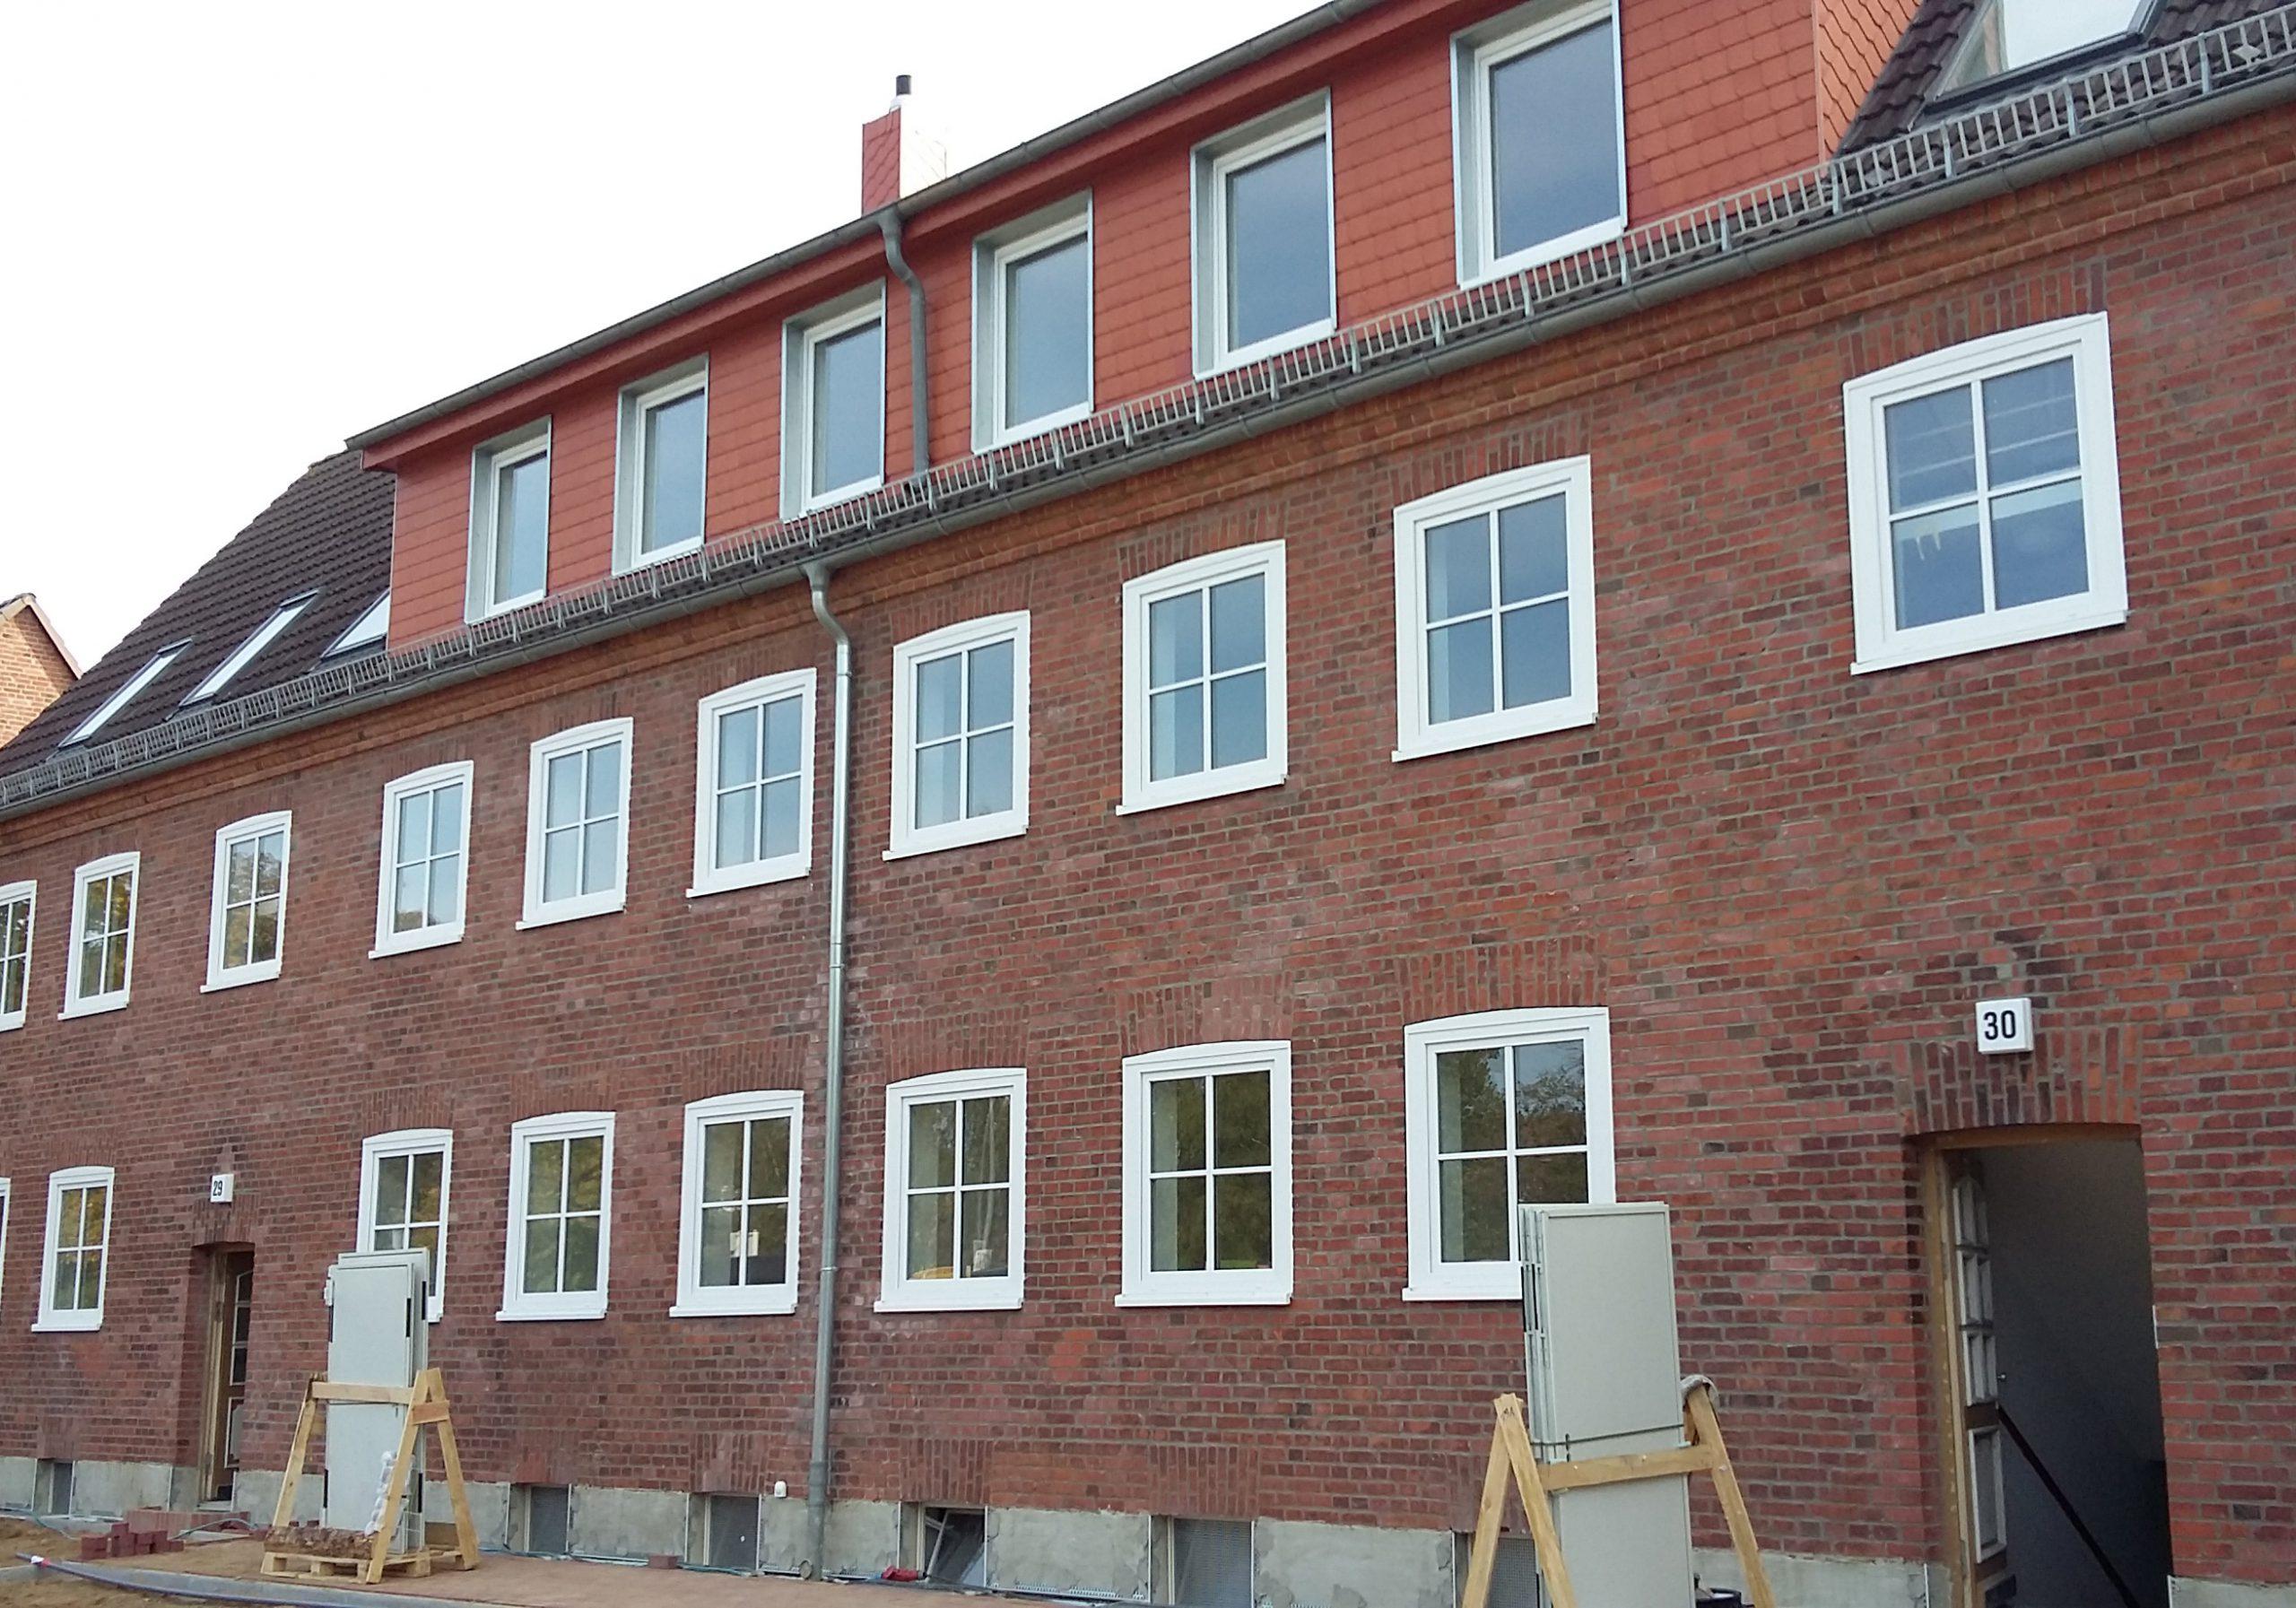 Planung der Sanierung von einem Merfamilienhaus in Warnemünde